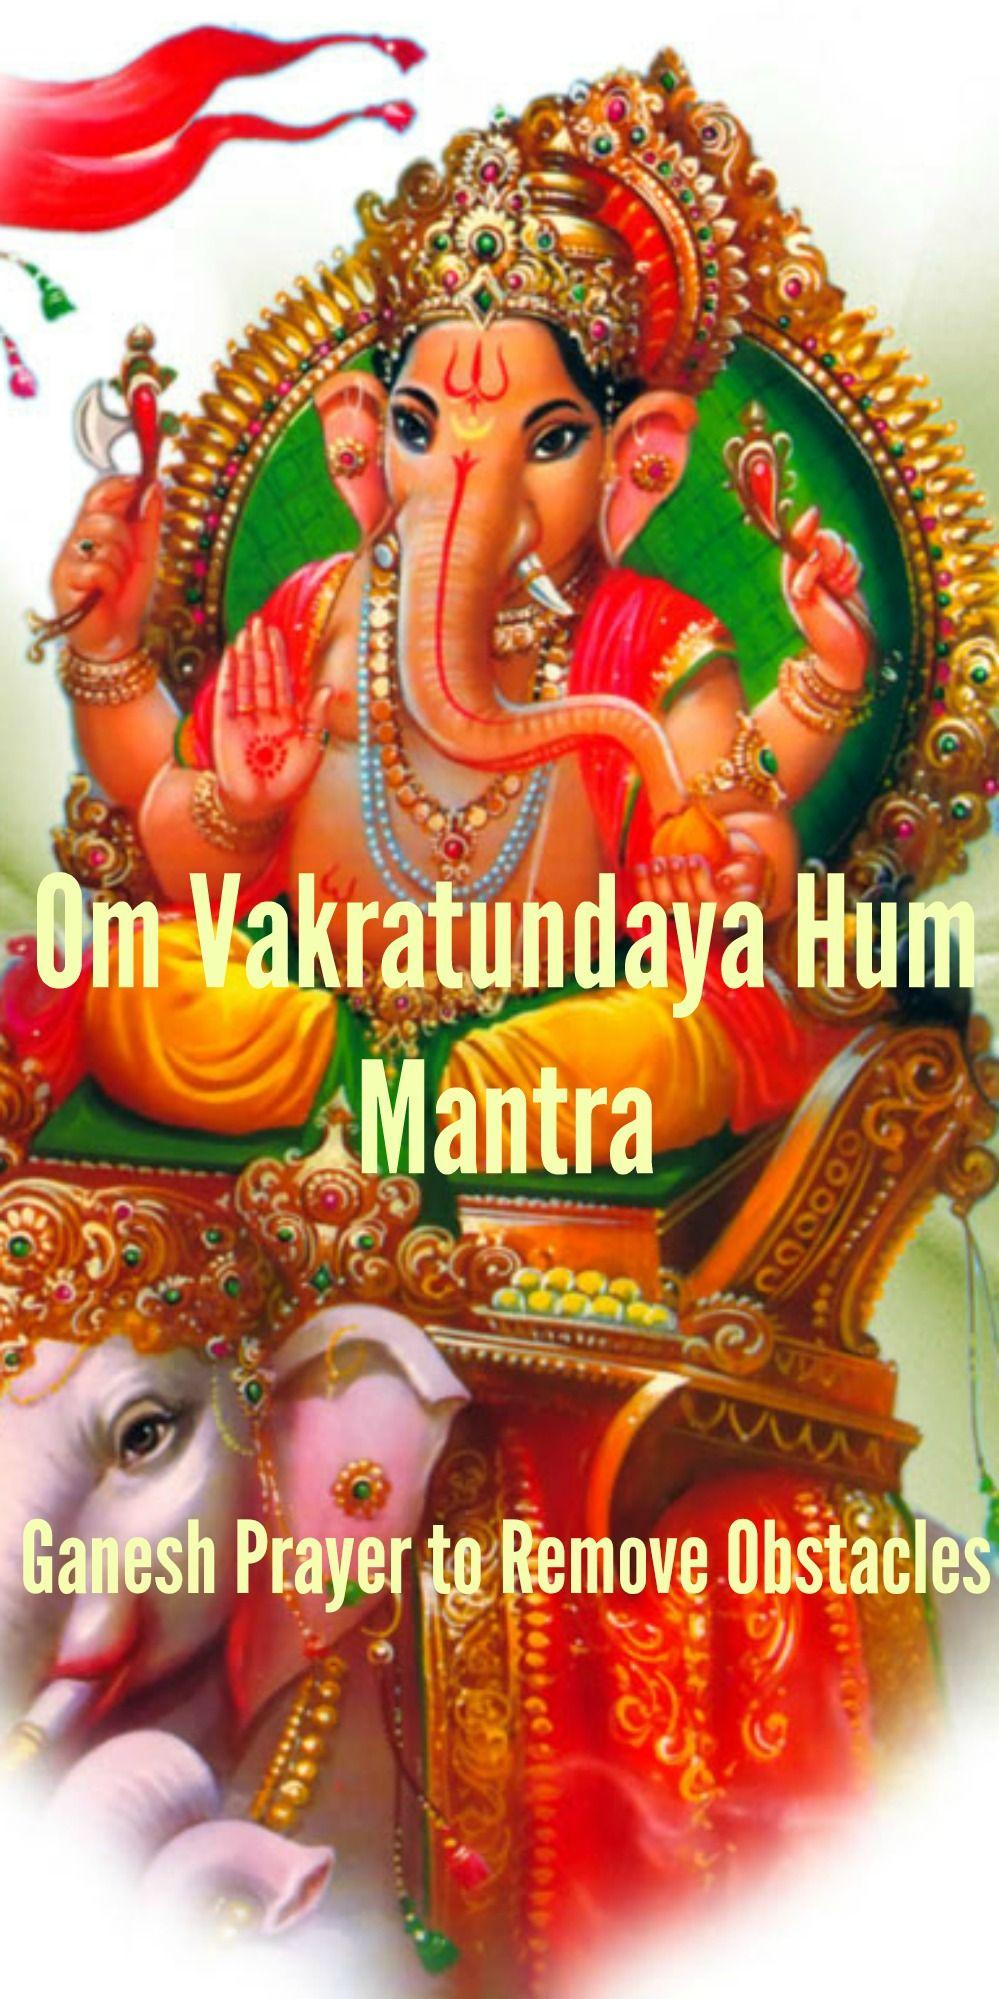 Om Vakratundaya Hum Mantra Ganesh Prayer To Remove Obstacles